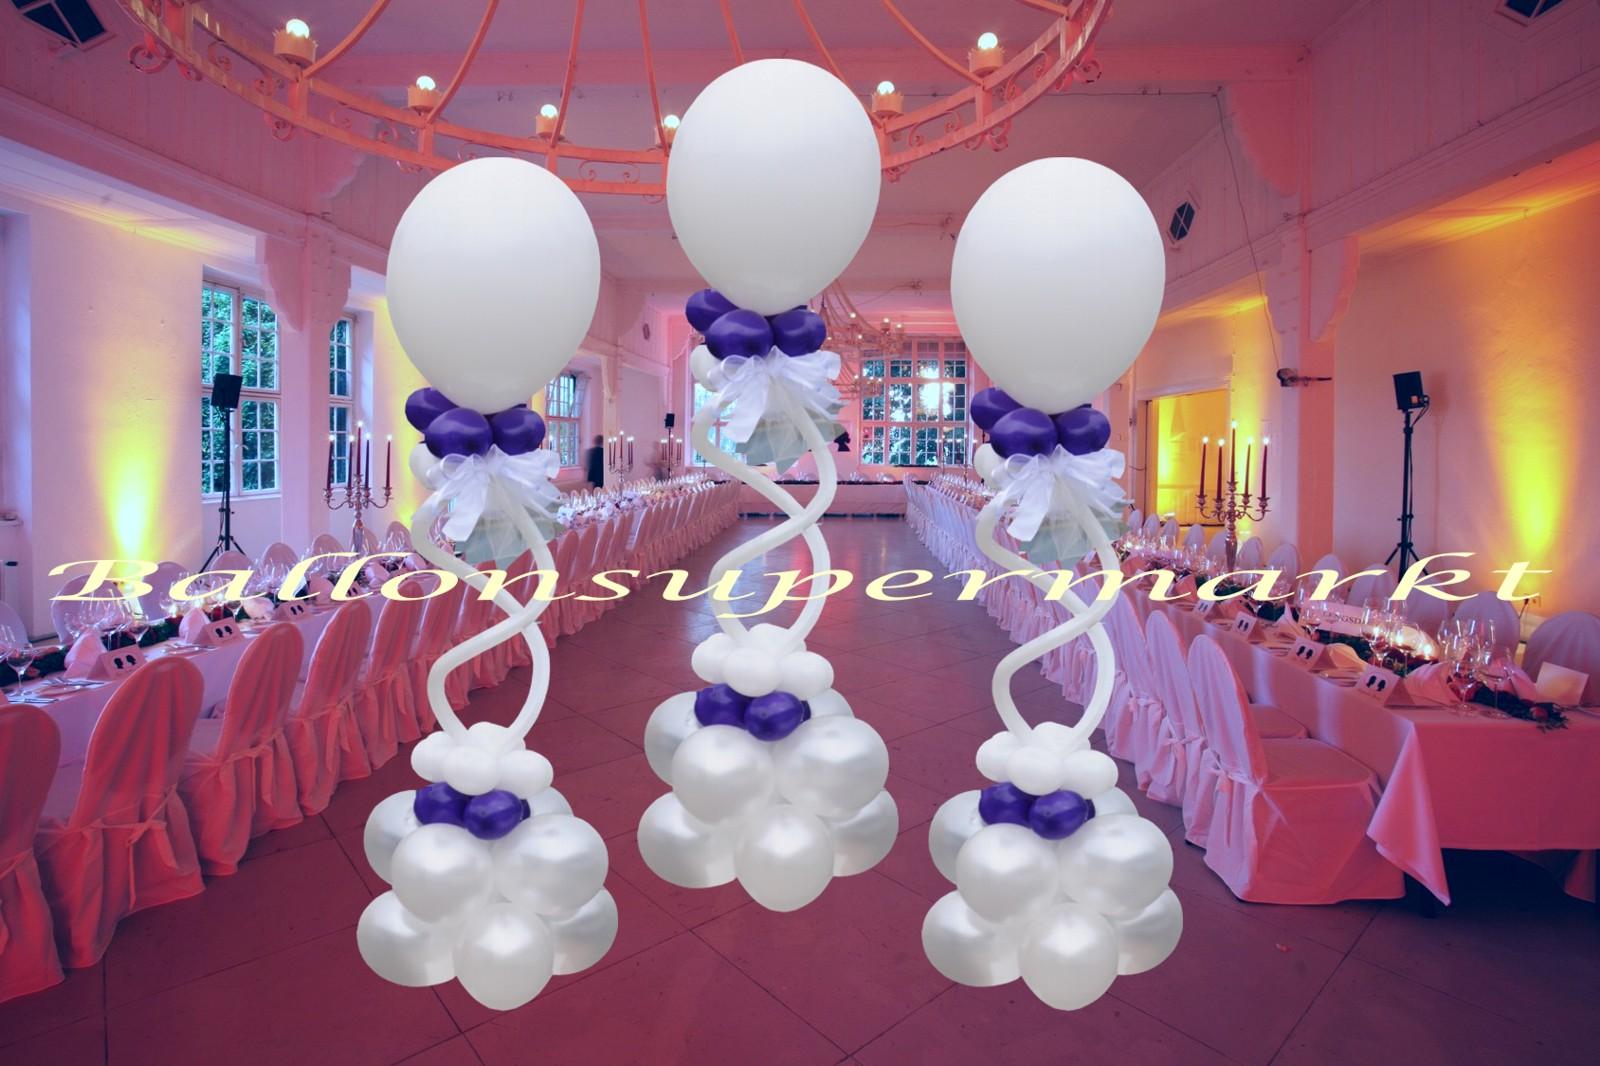 Romantische Ballondekoration Hochzeit Wei Lila 3 St Ck